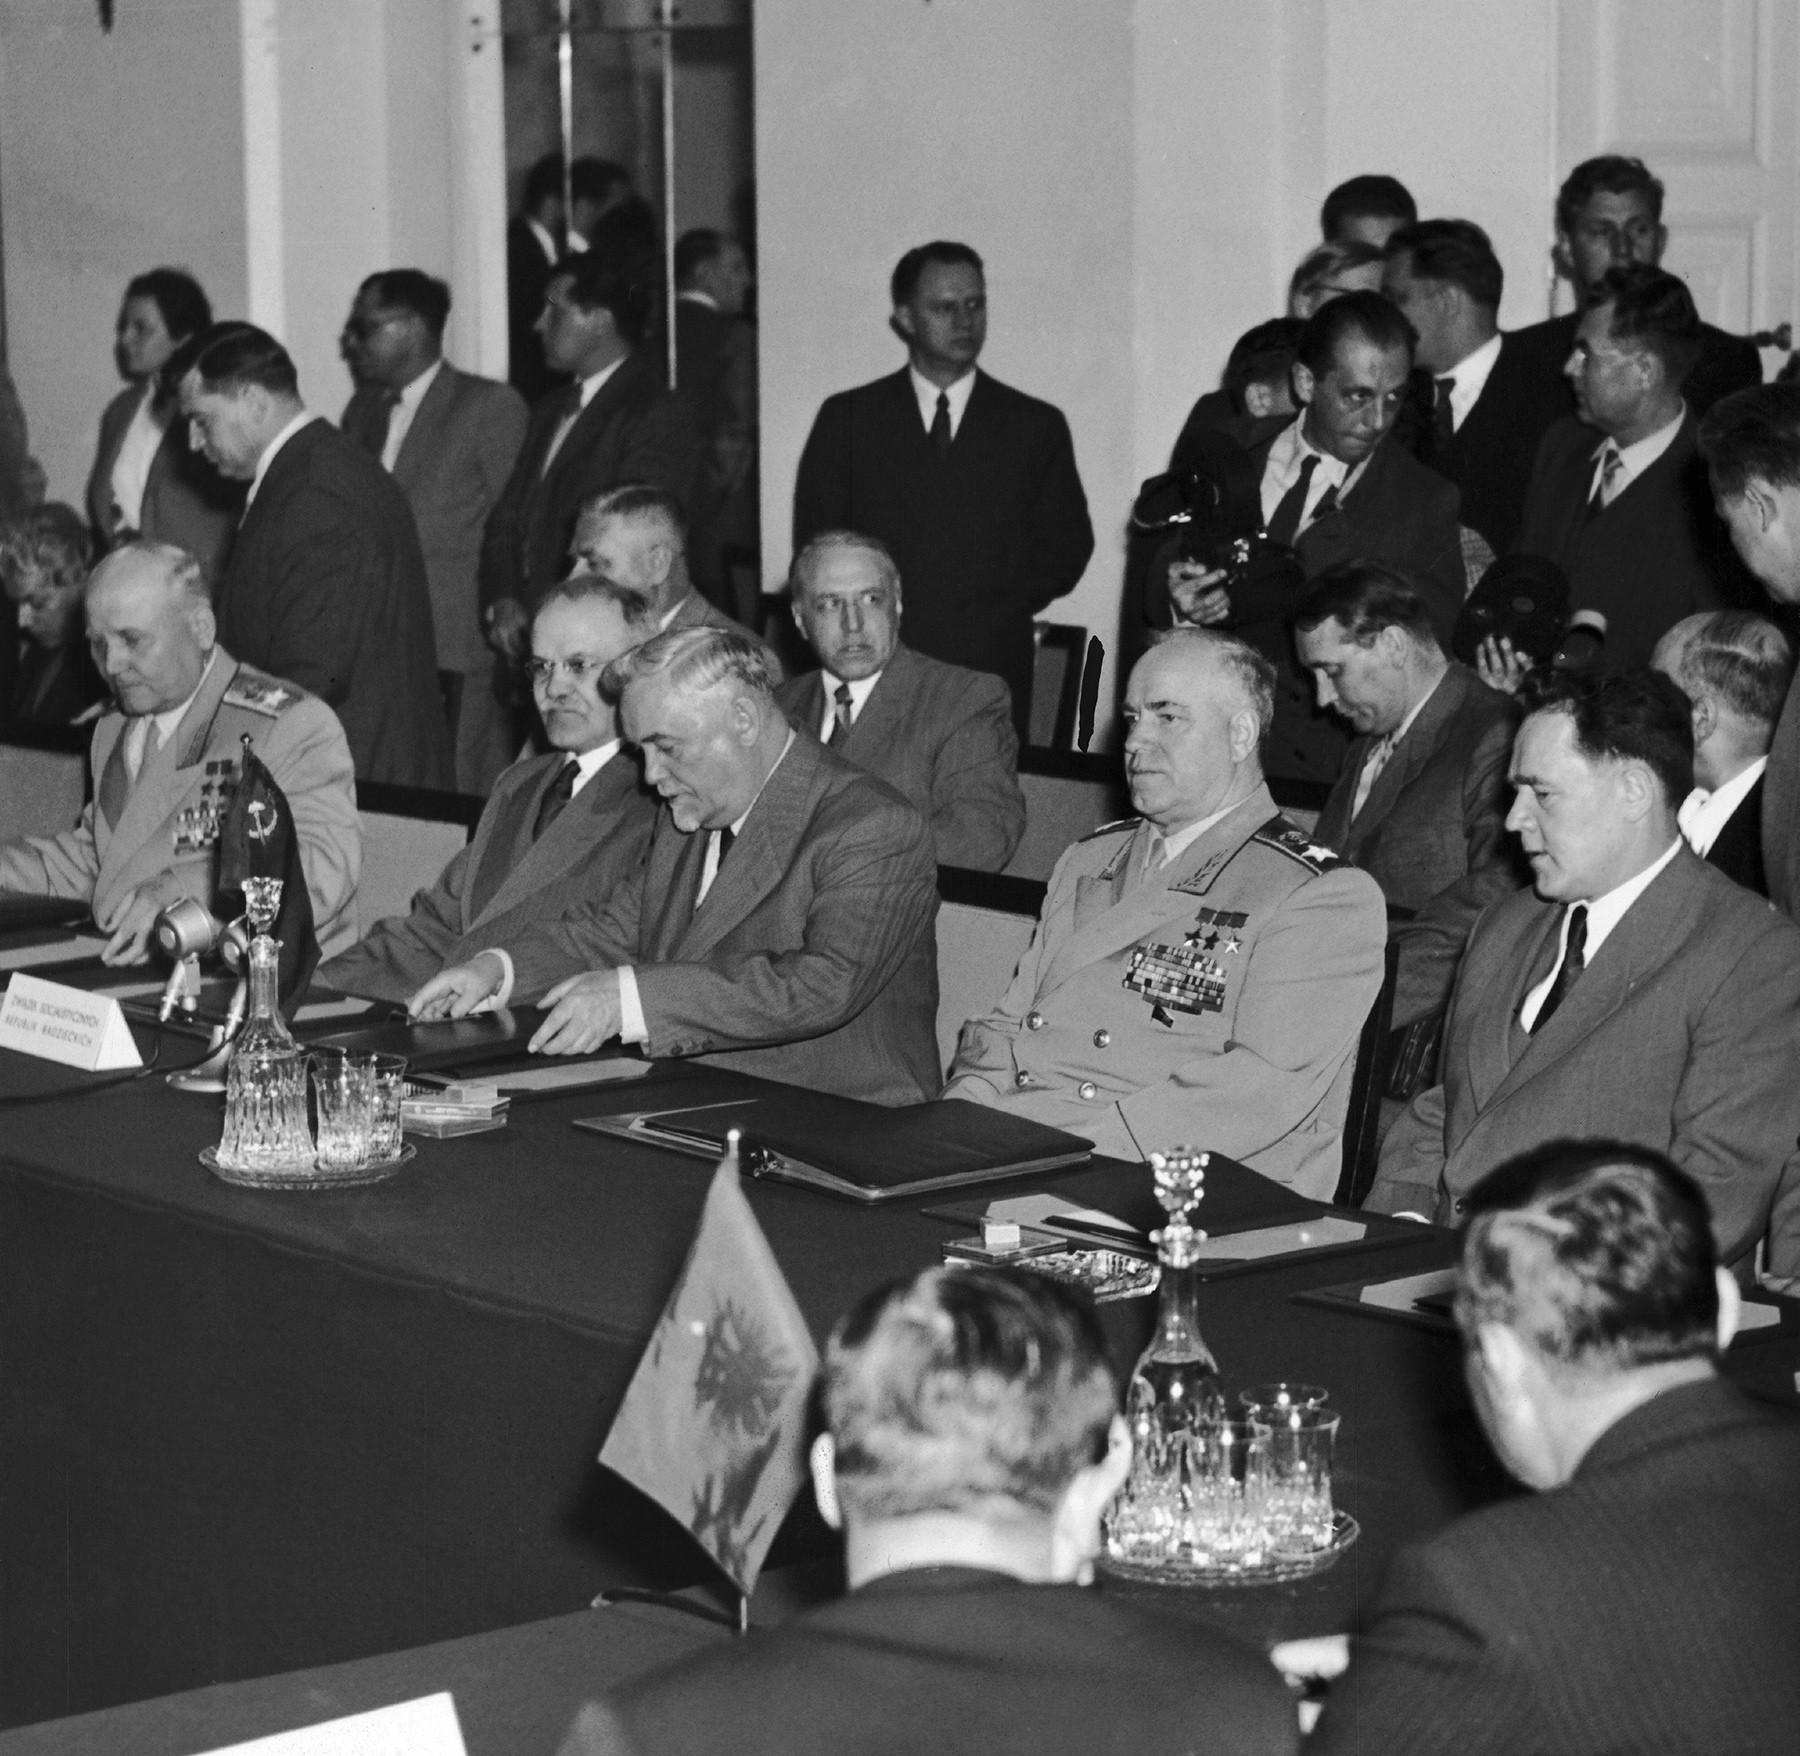 Pologne, le 14 mai 1955. La délégation soviétique assiste à la signature du Pacte de Varsovie.